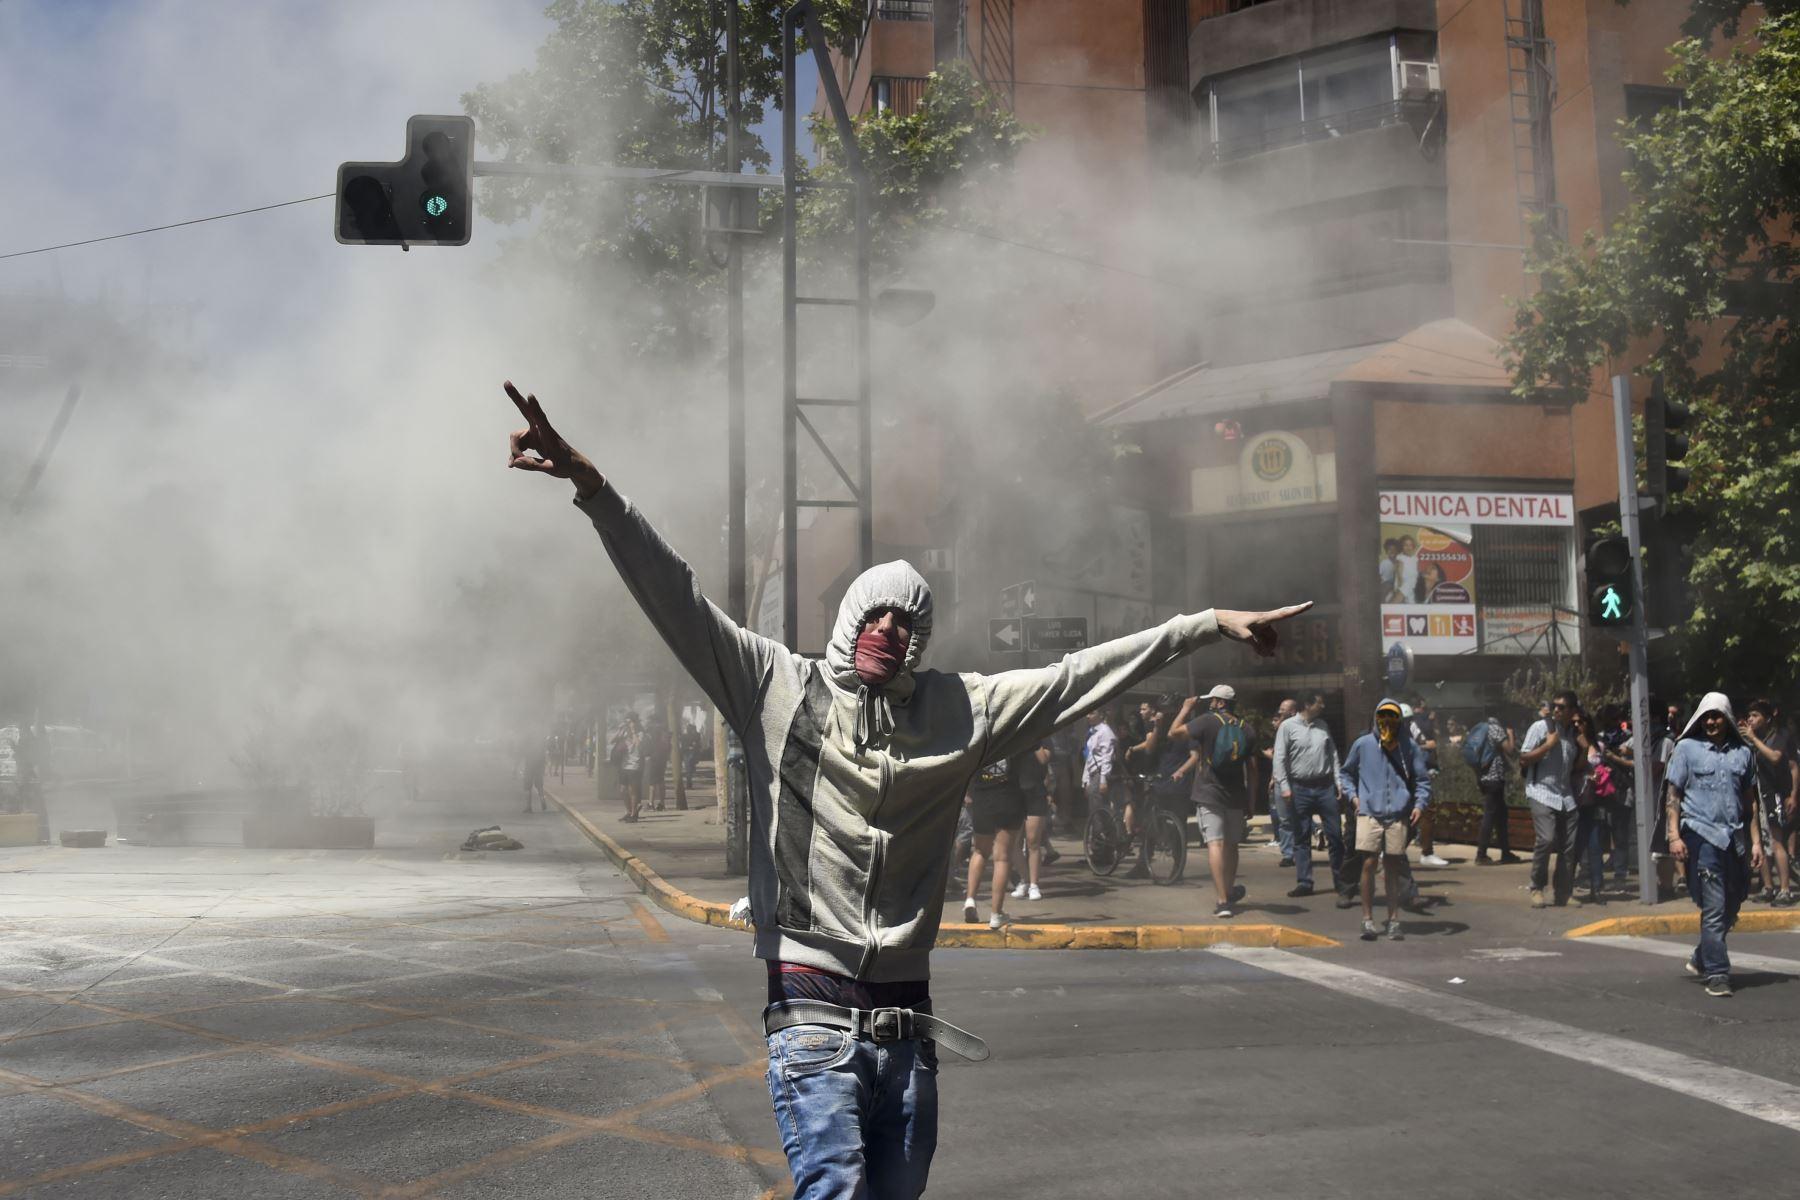 Un manifestante encapuchado participa en una protesta contra las políticas del gobierno cerca del Centro Costanera, un complejo comercial en Santiago. Foto: AFP